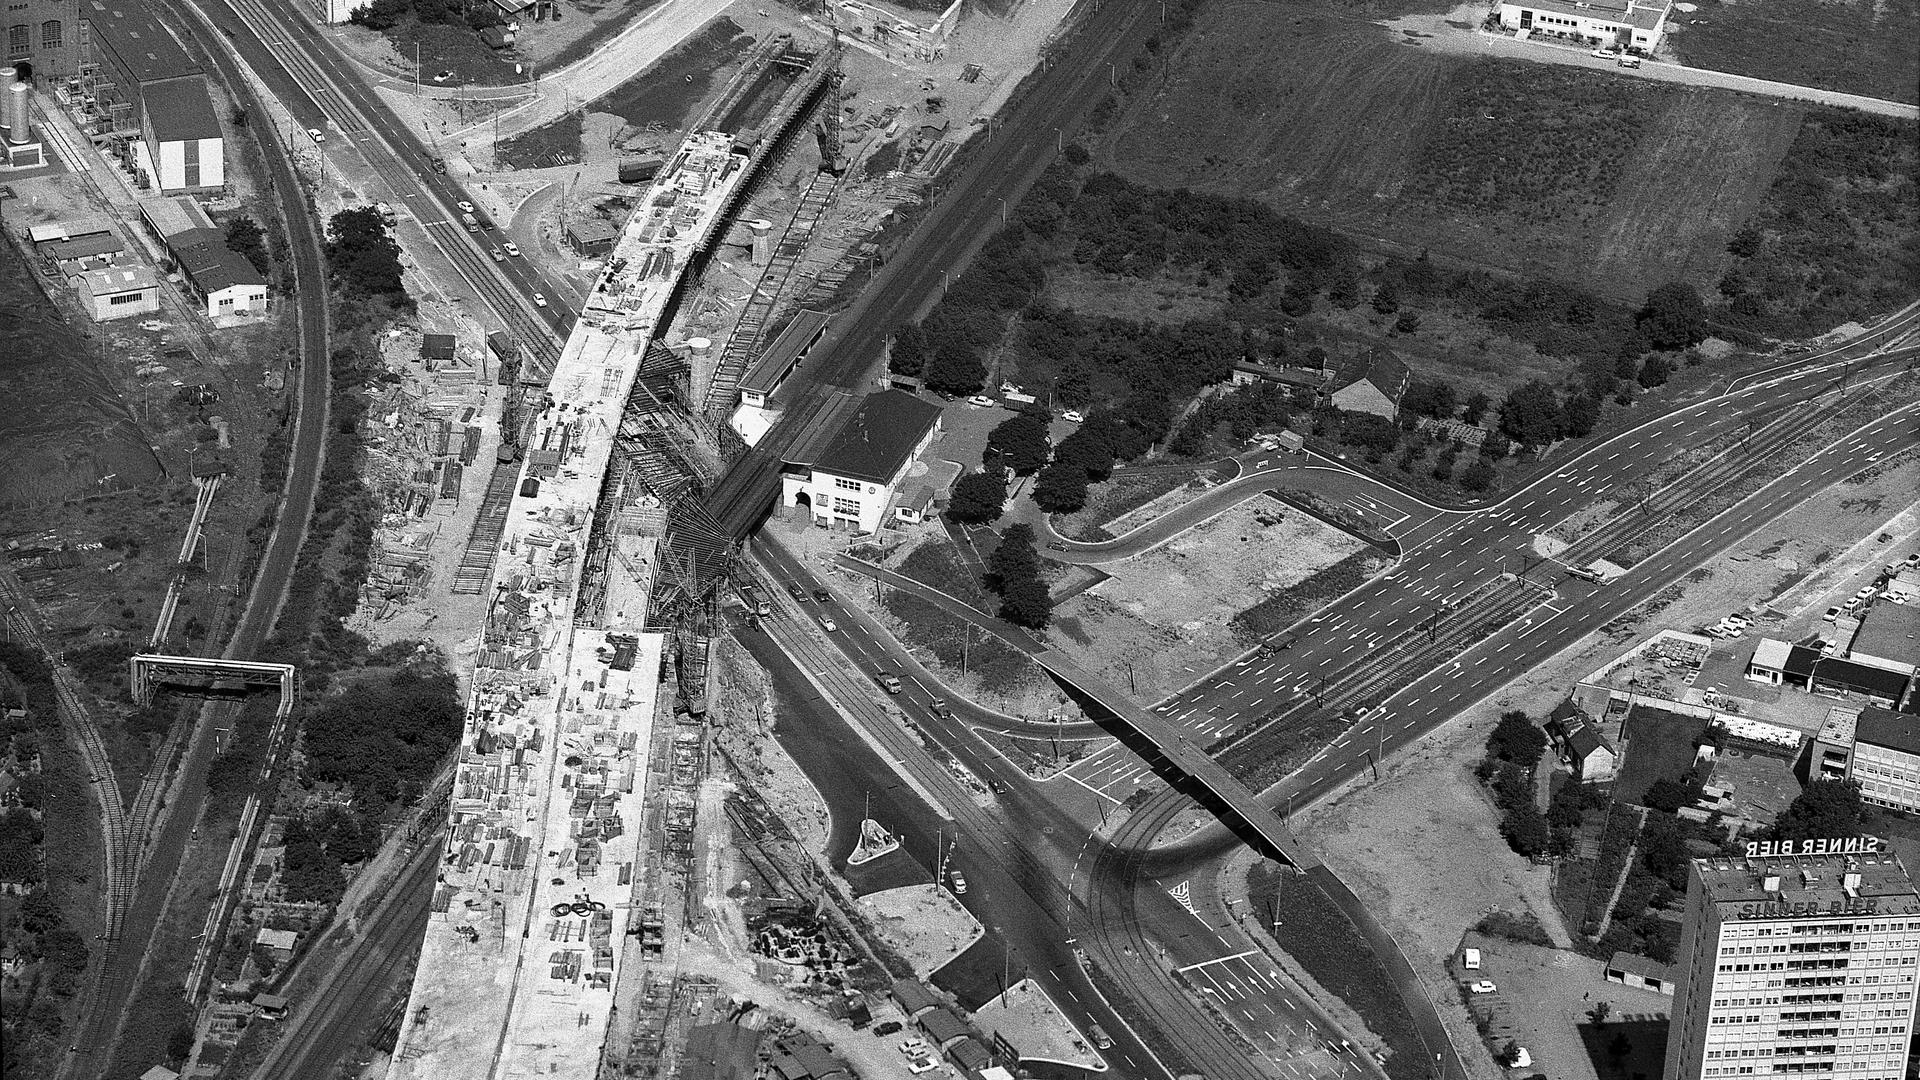 Schwarz-Weiß Bild einer Baustelle